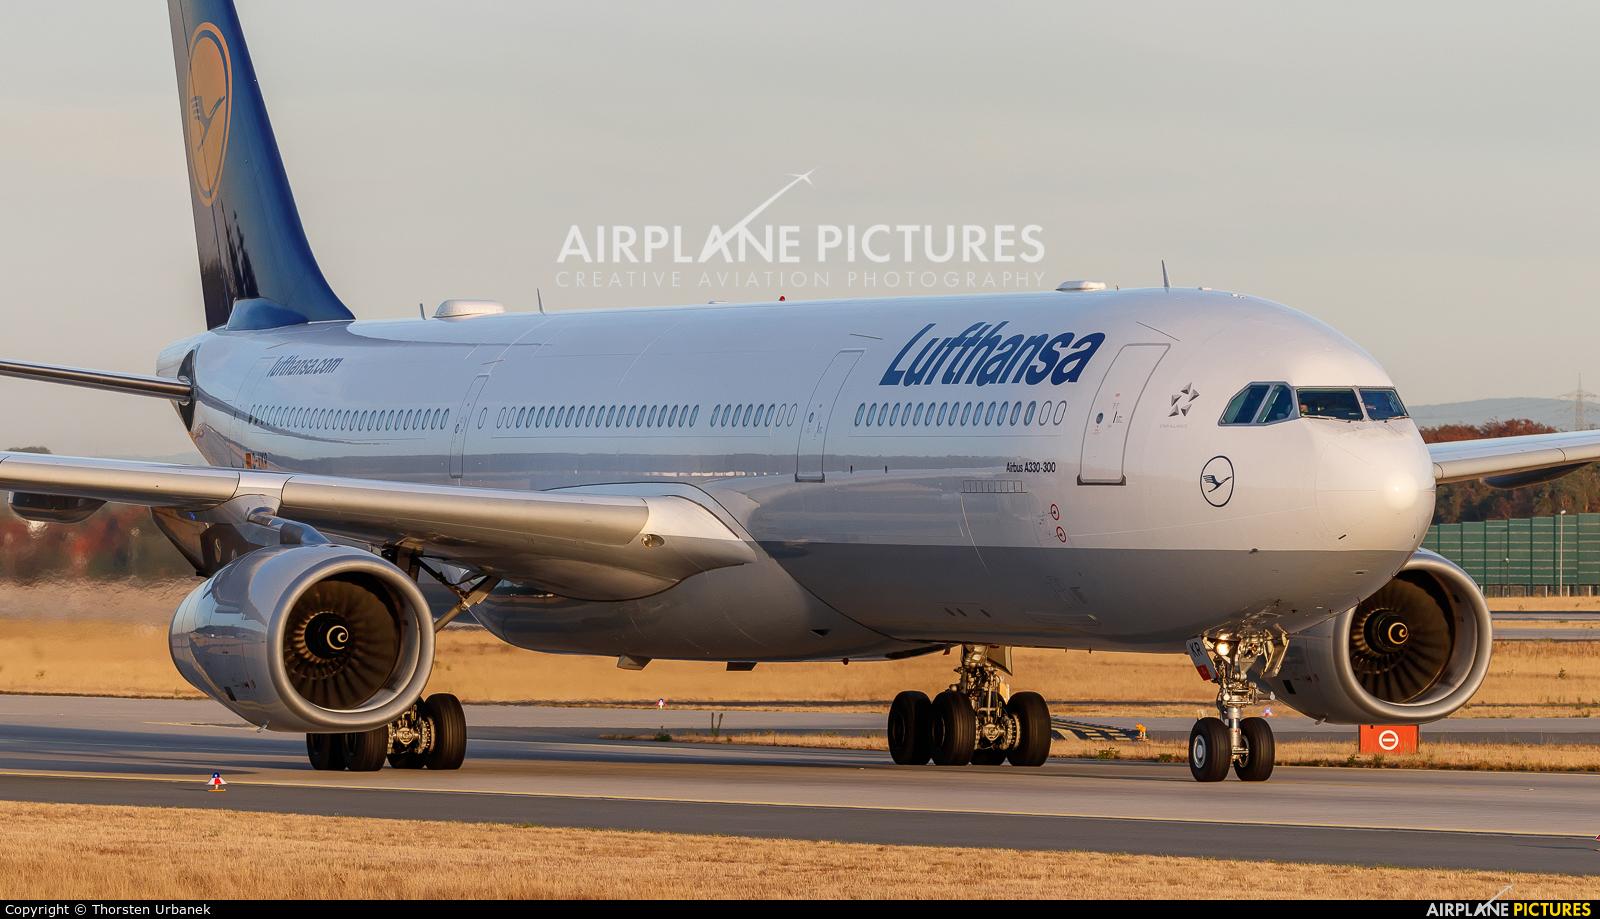 Lufthansa D-AIKR aircraft at Frankfurt